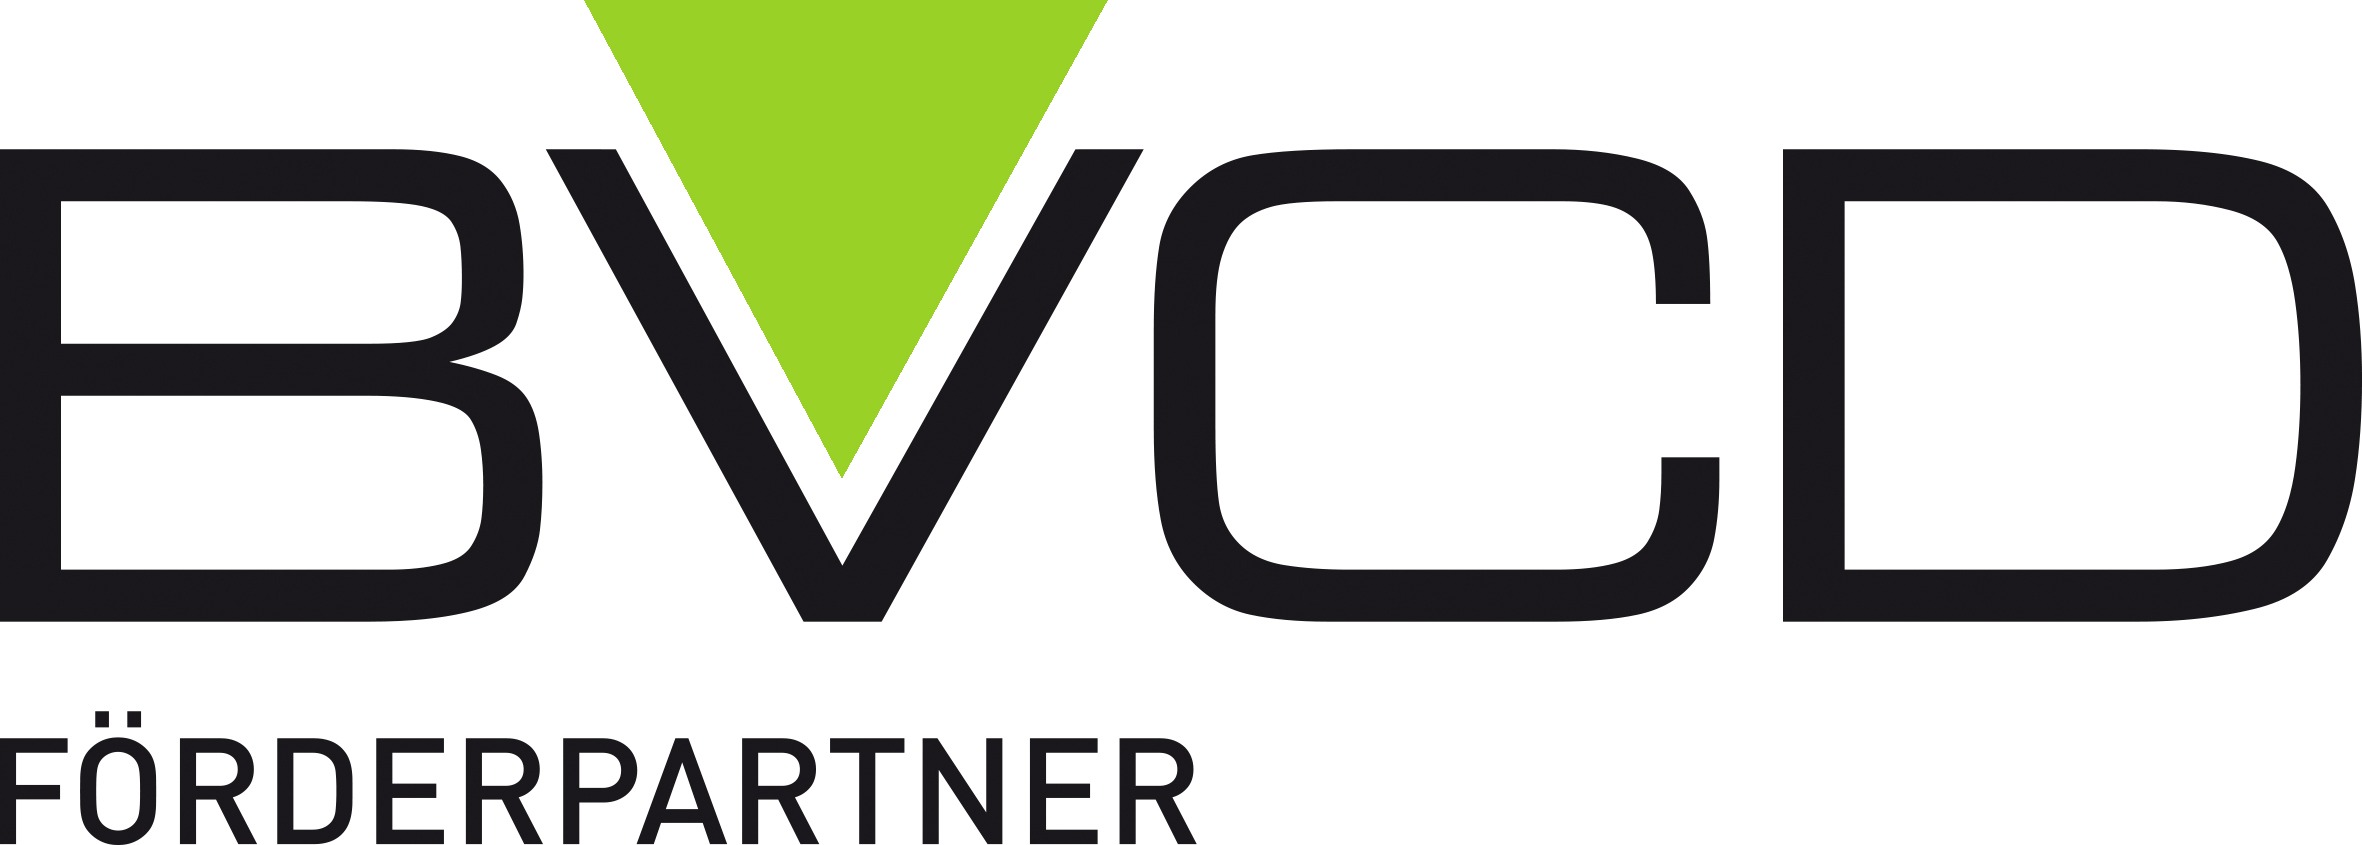 PRIMAGAS - Flüssiggas für die Campingwirtschaft - Förder-Partner BVCD